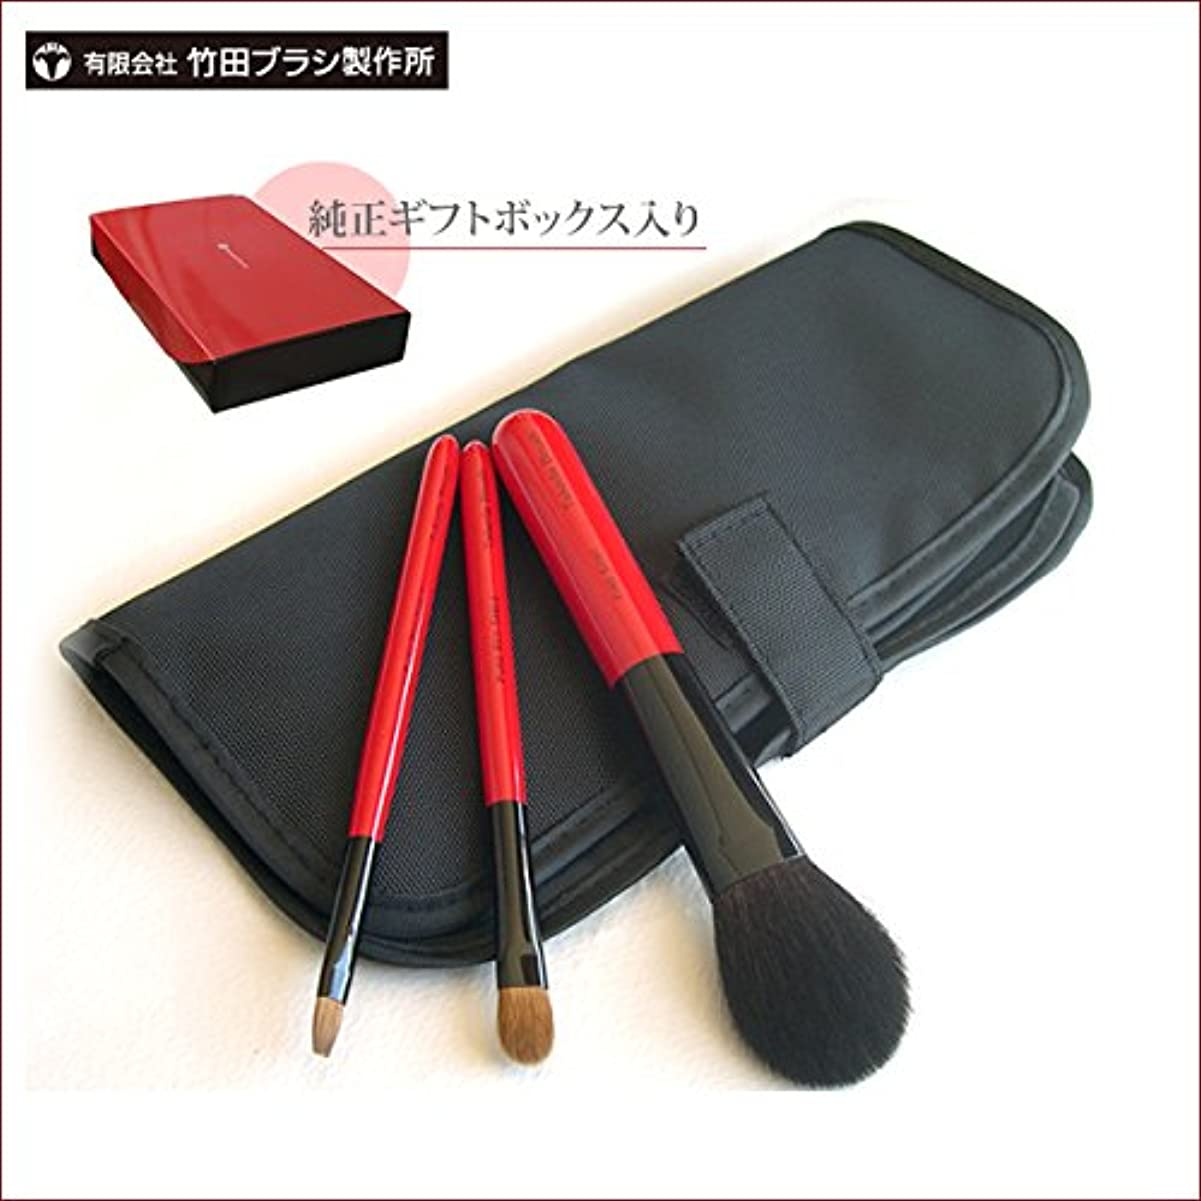 連想クレア分離有限会社竹田ブラシ製作所の熊野化粧筆 特別3本セット (純正ギフトボックス入り)